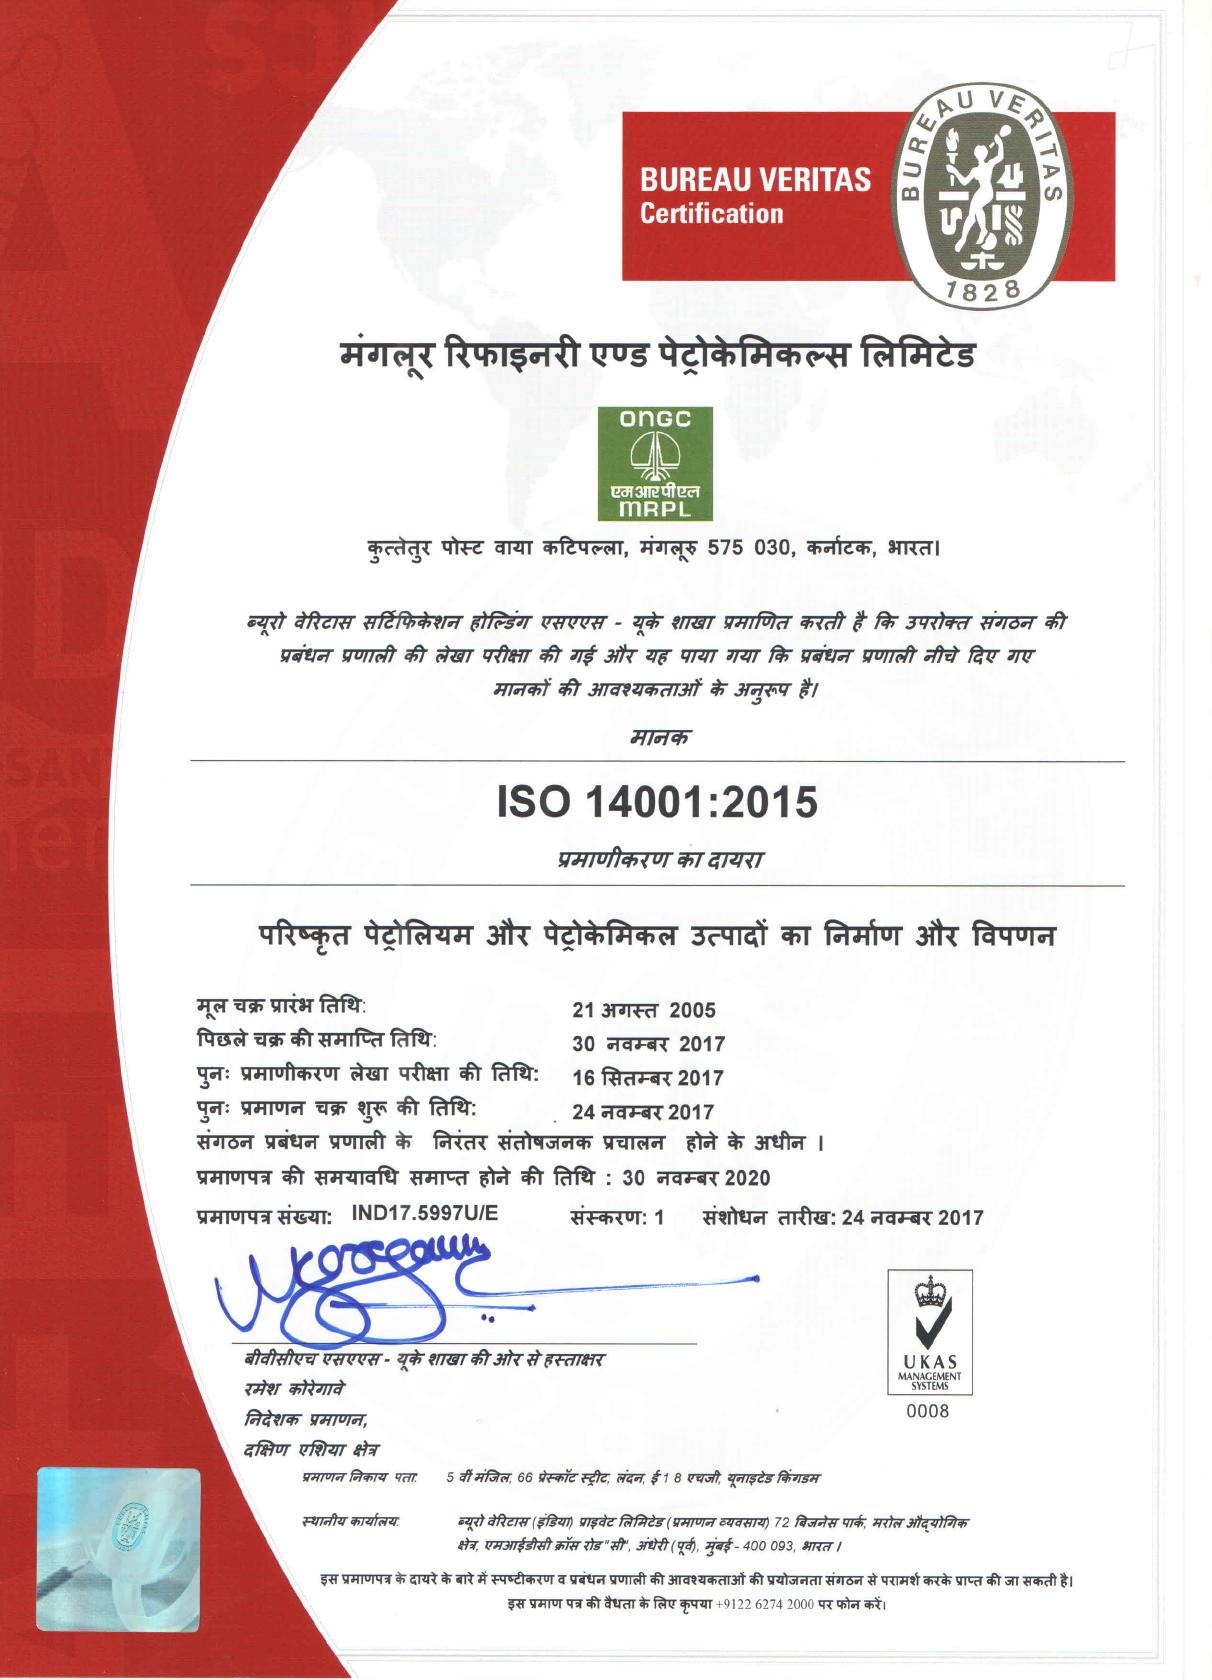 एमआरपीएल एक आईएसओ 14001 प्रमाणित कंपनी